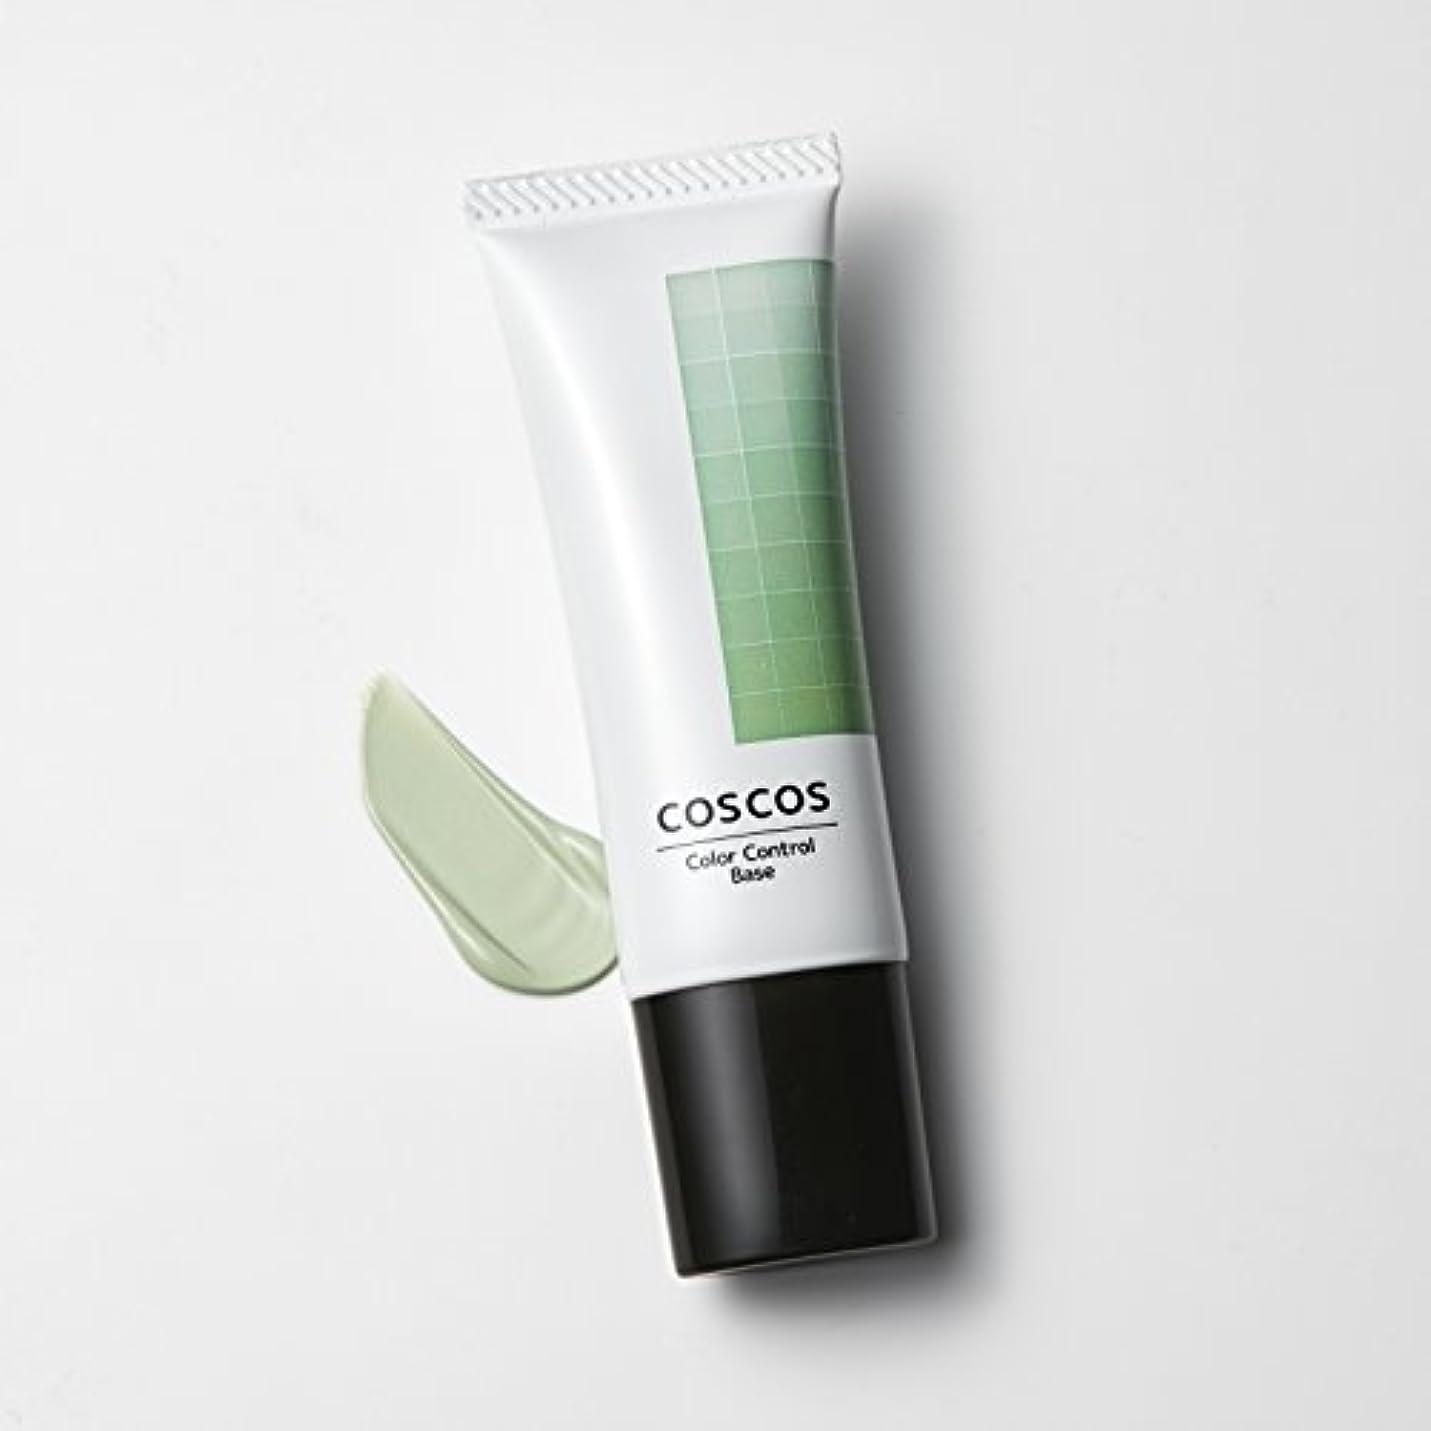 用心本視線COSCOS(コスコス) カラーコントロールベース ミントグリーン